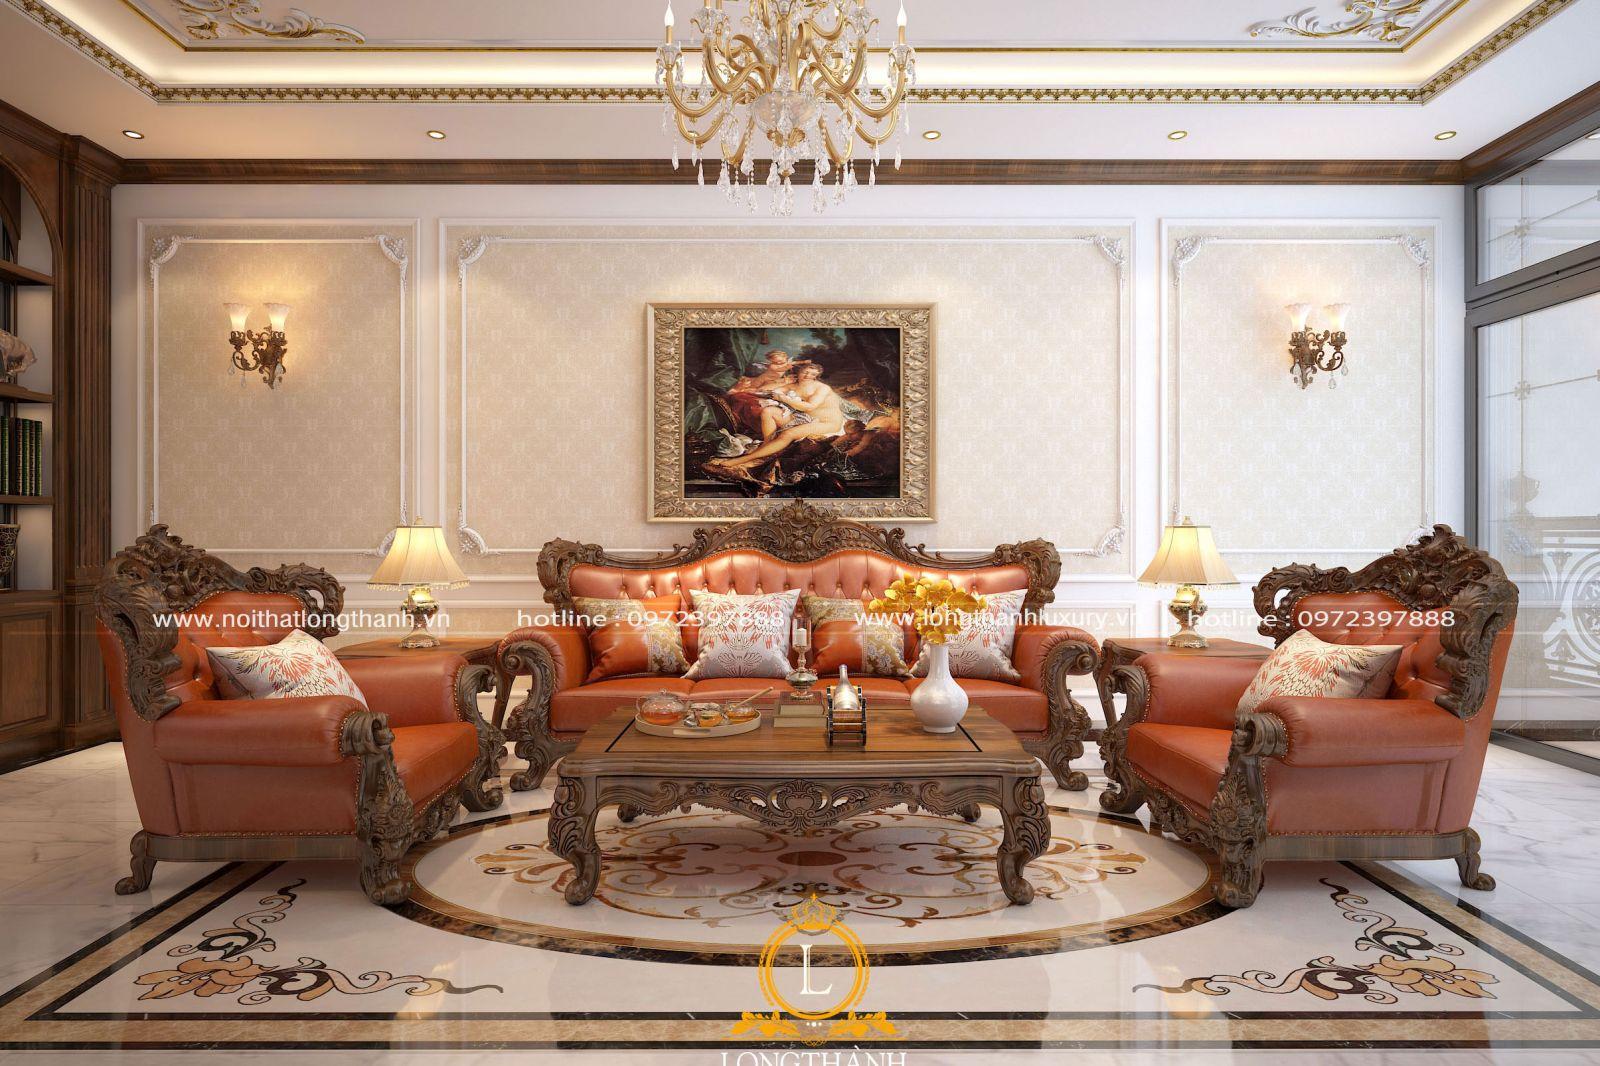 Trần thạch cao đẹp cũng là yếu tố khẳng định đẳng cấp không gian cùng gu thẩm mỹ của gia chủ